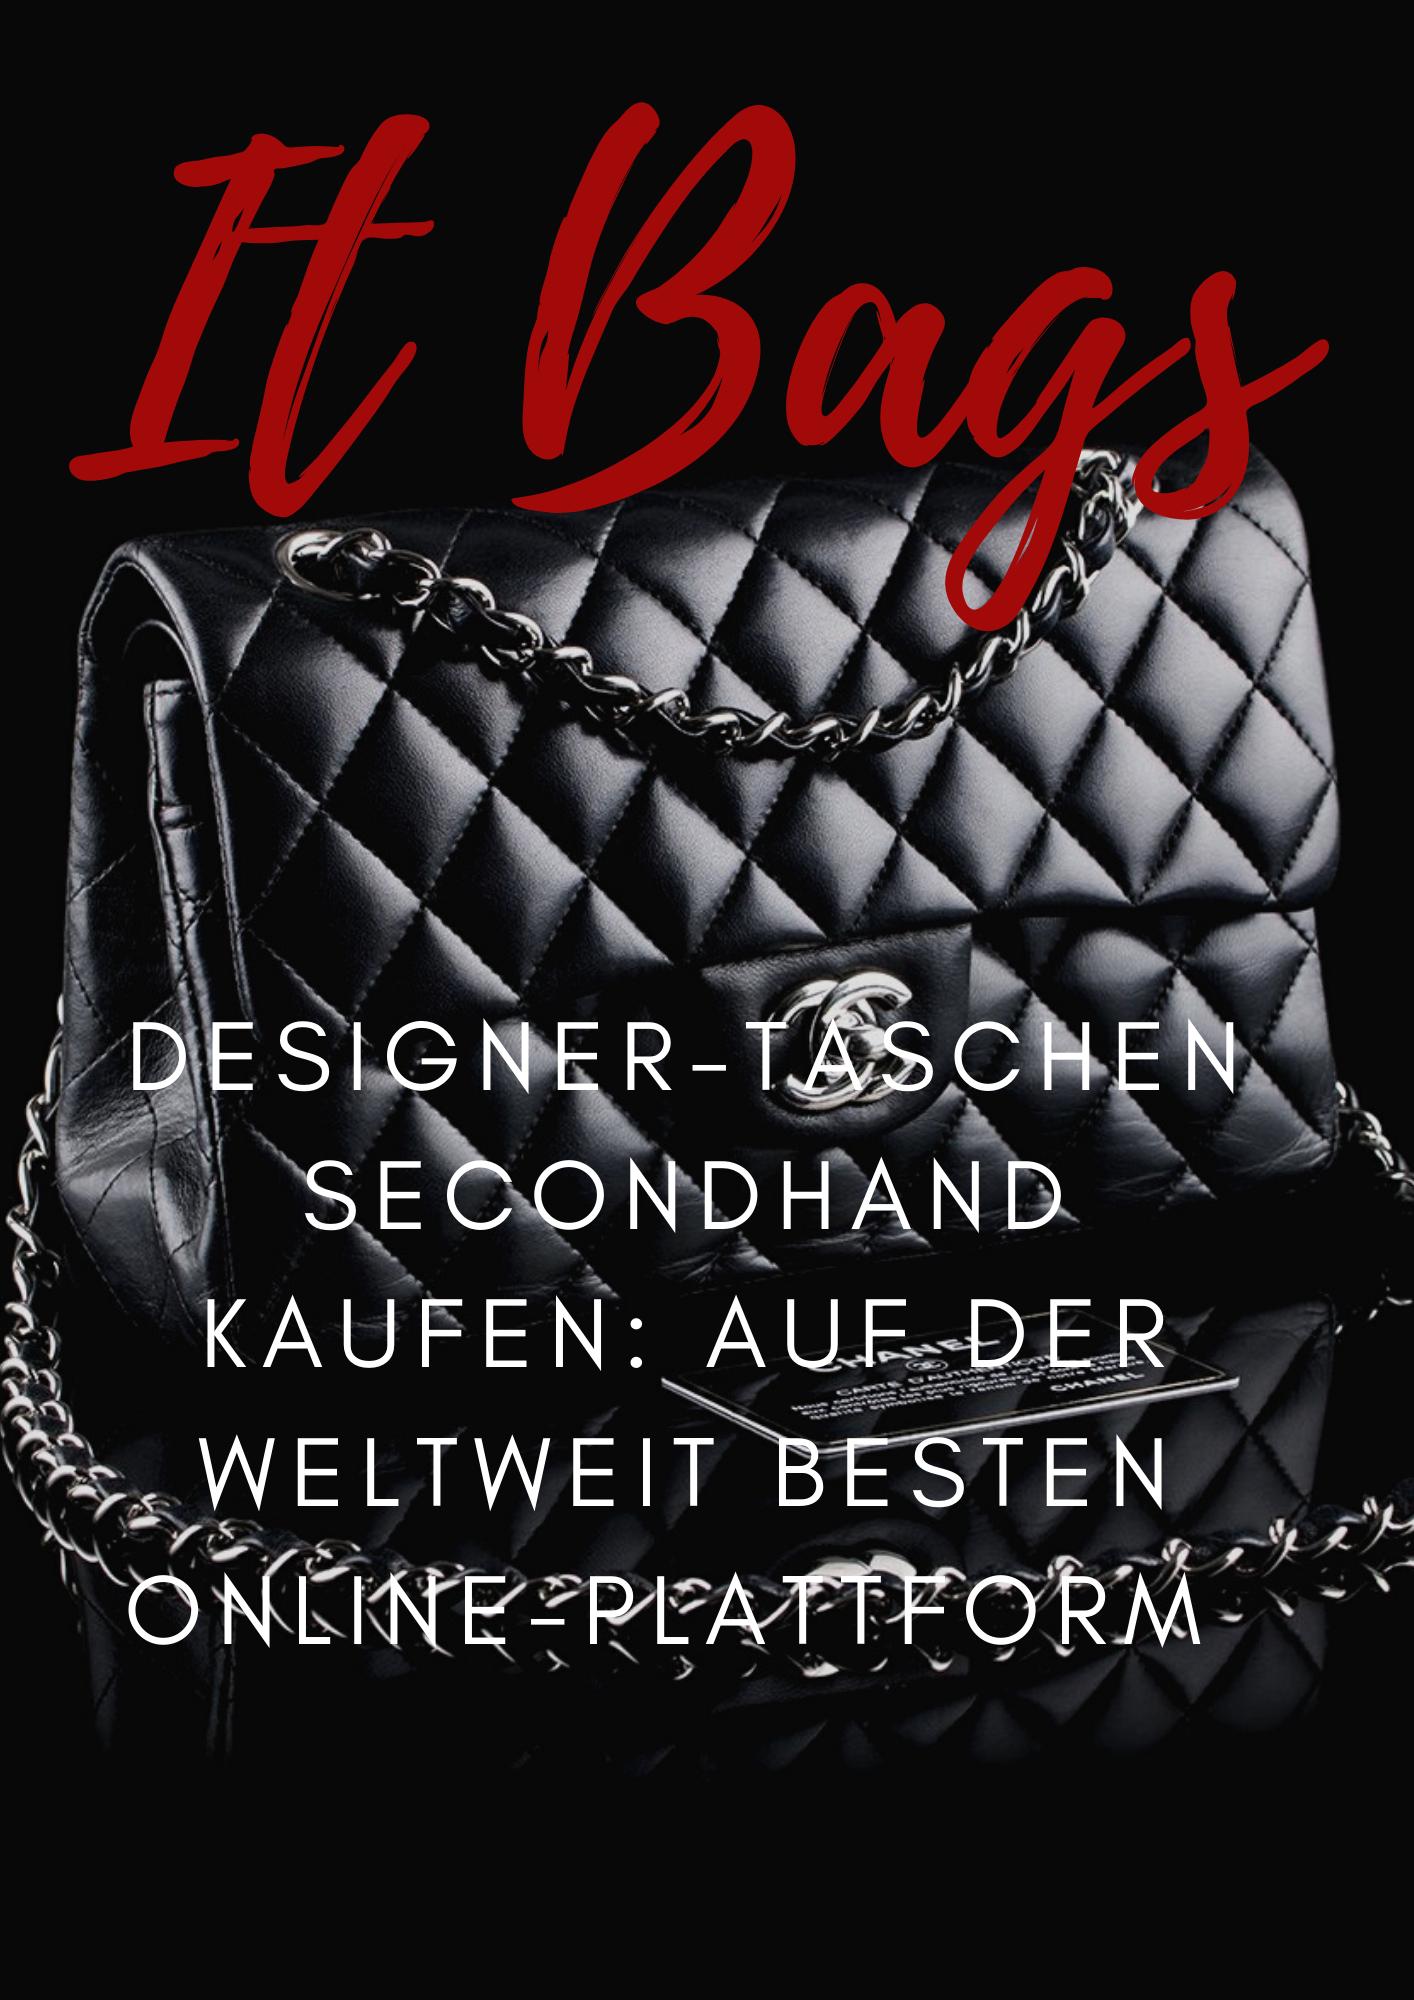 Designer-Taschen Secondhand kaufen